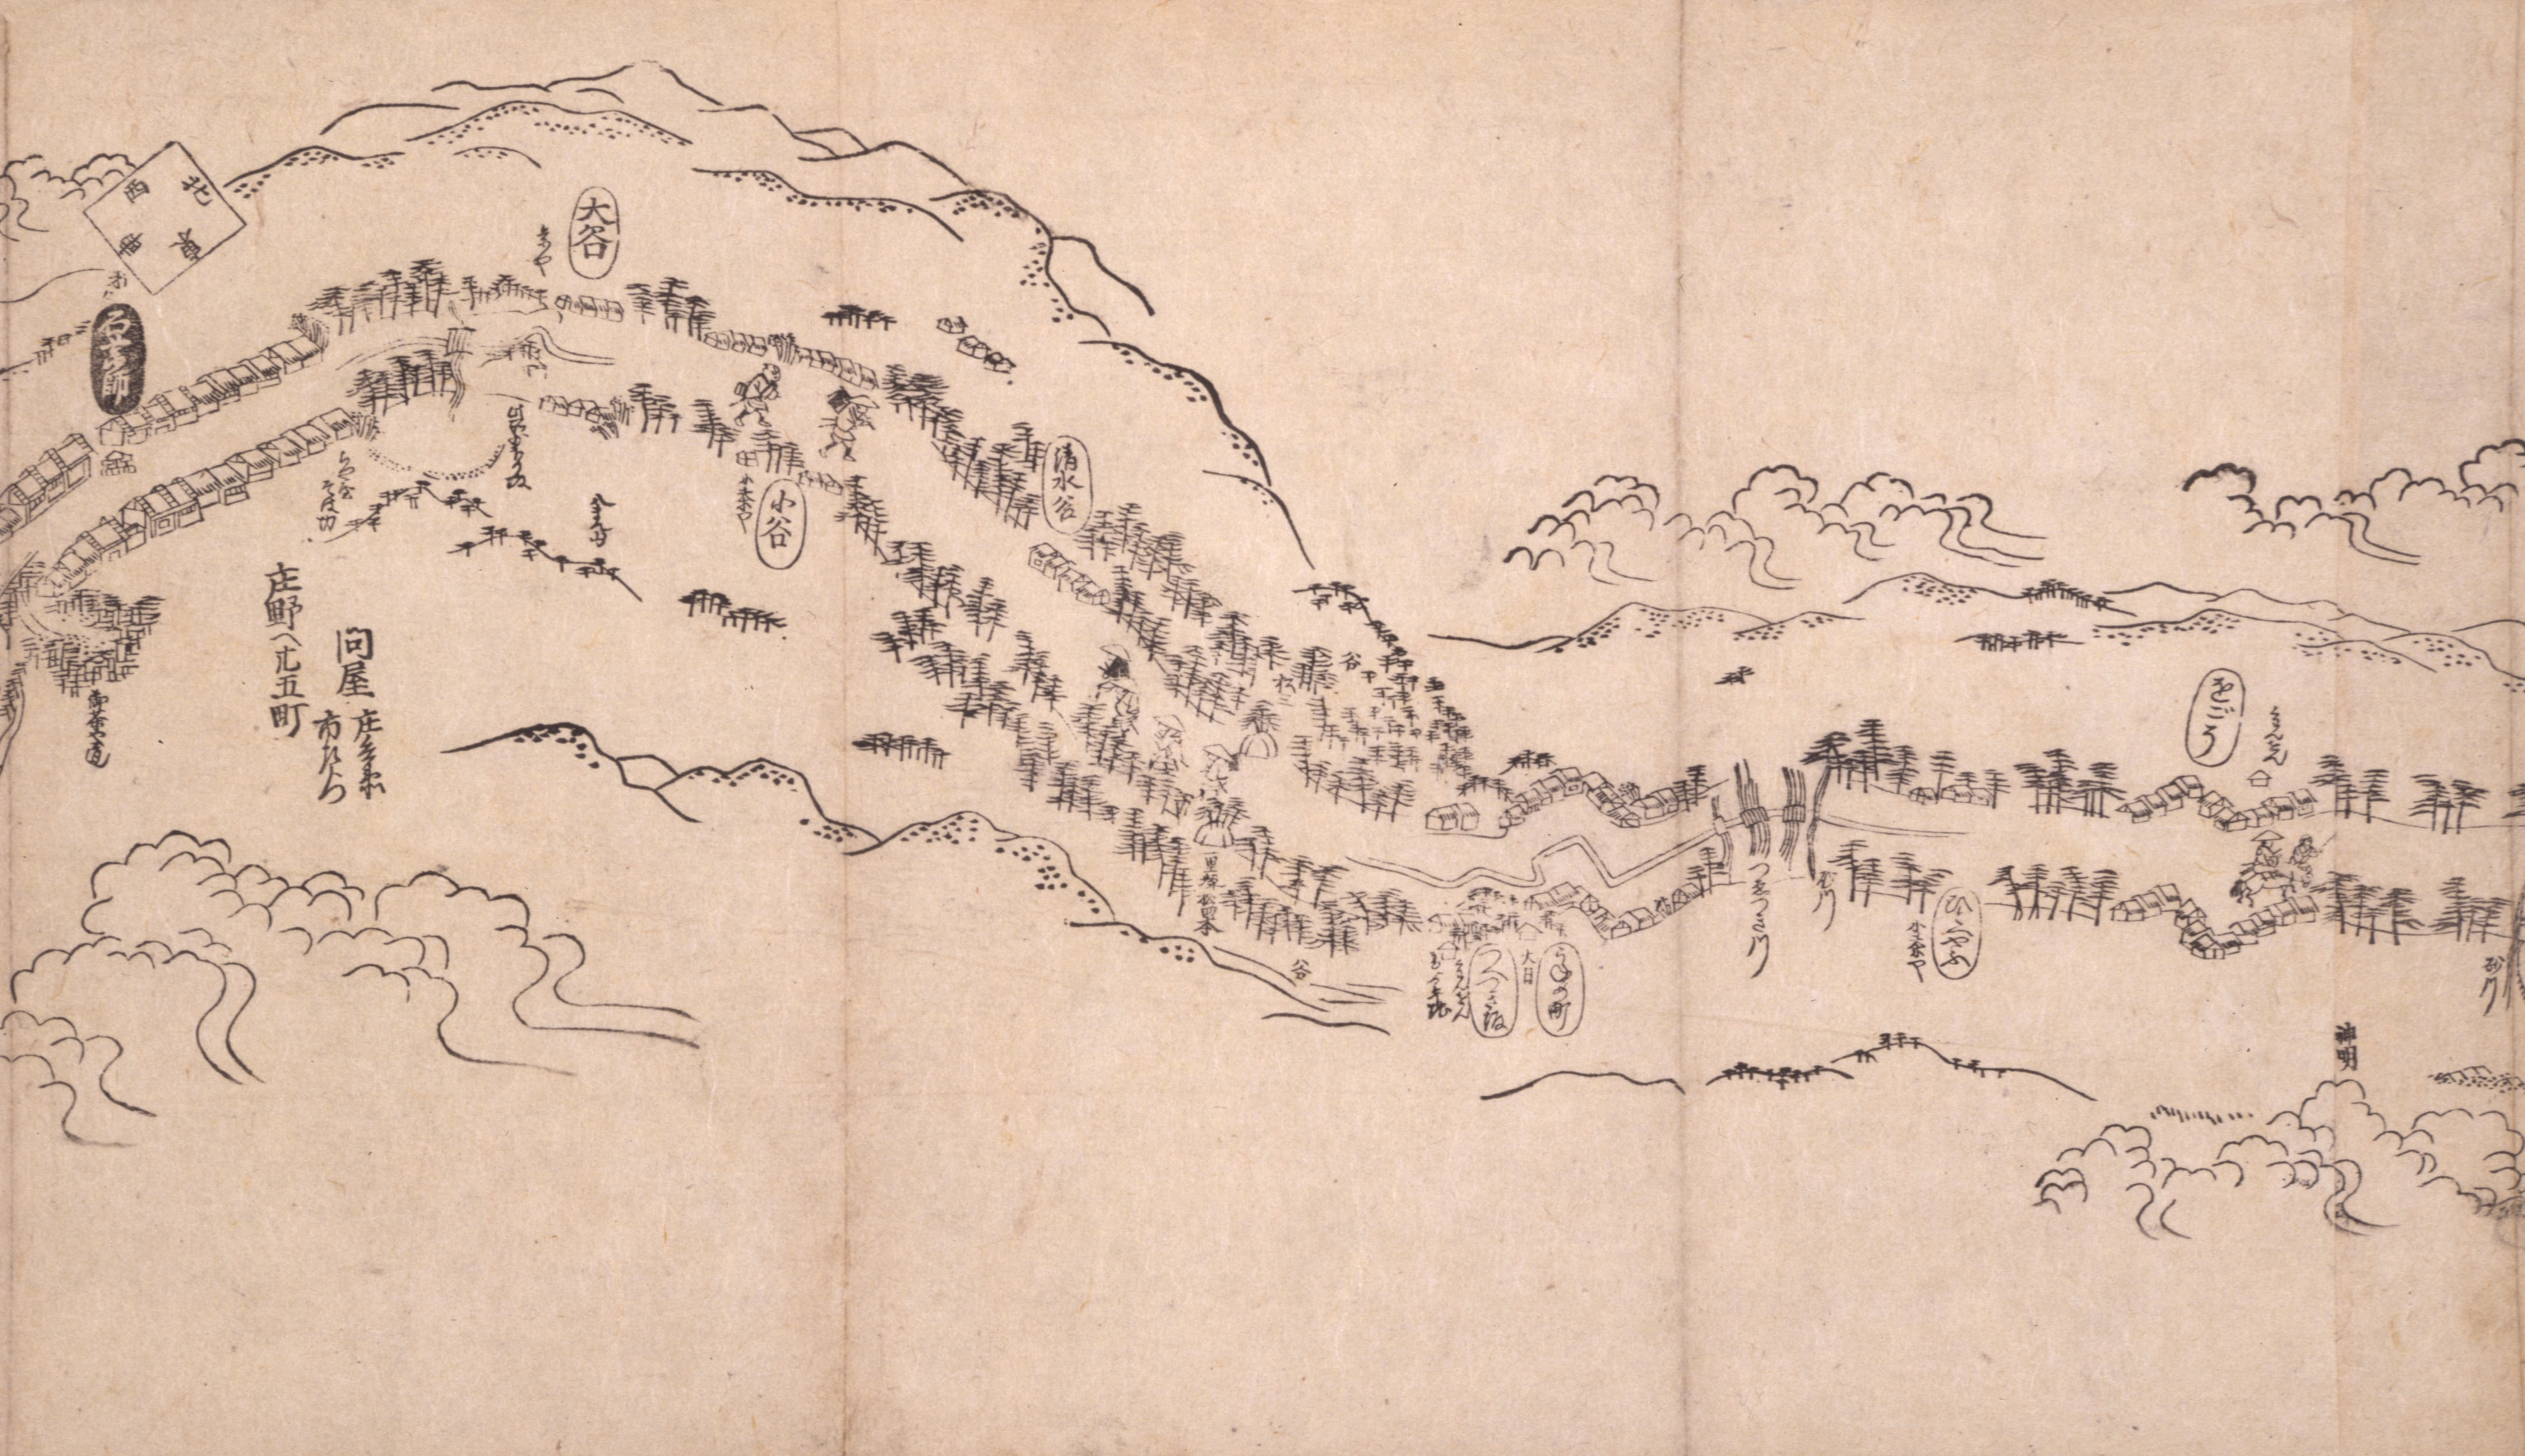 東海道分間之図 六十五